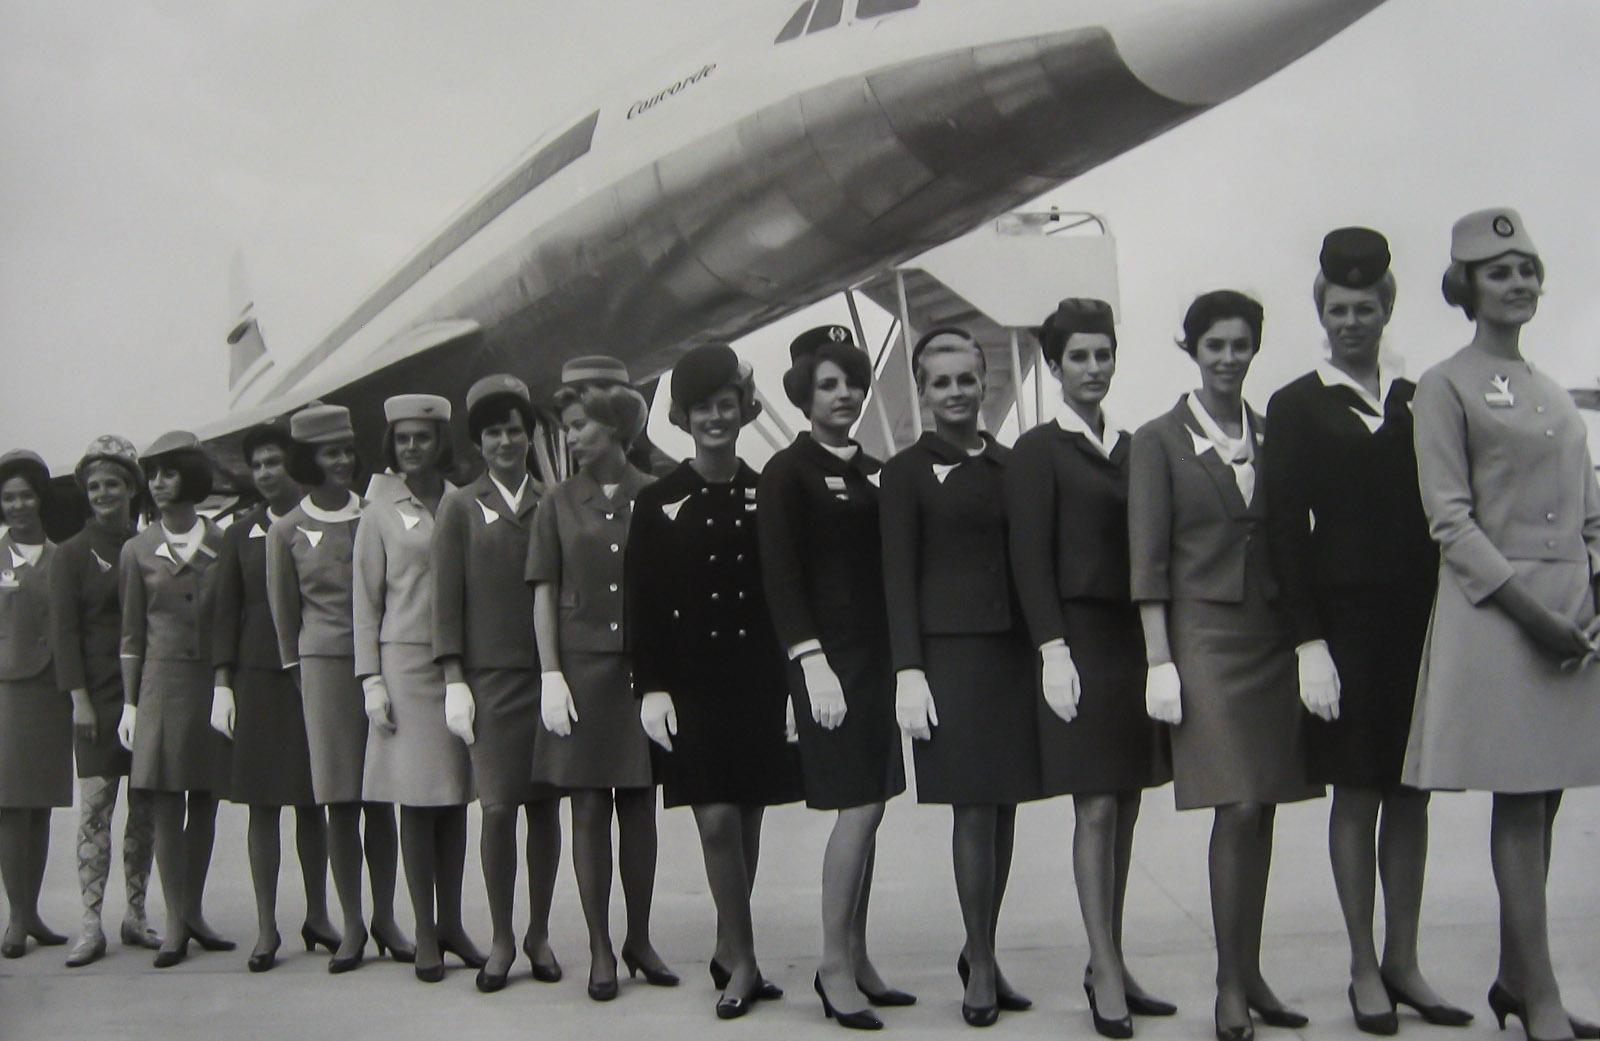 Фото Конкорда со стюардессами